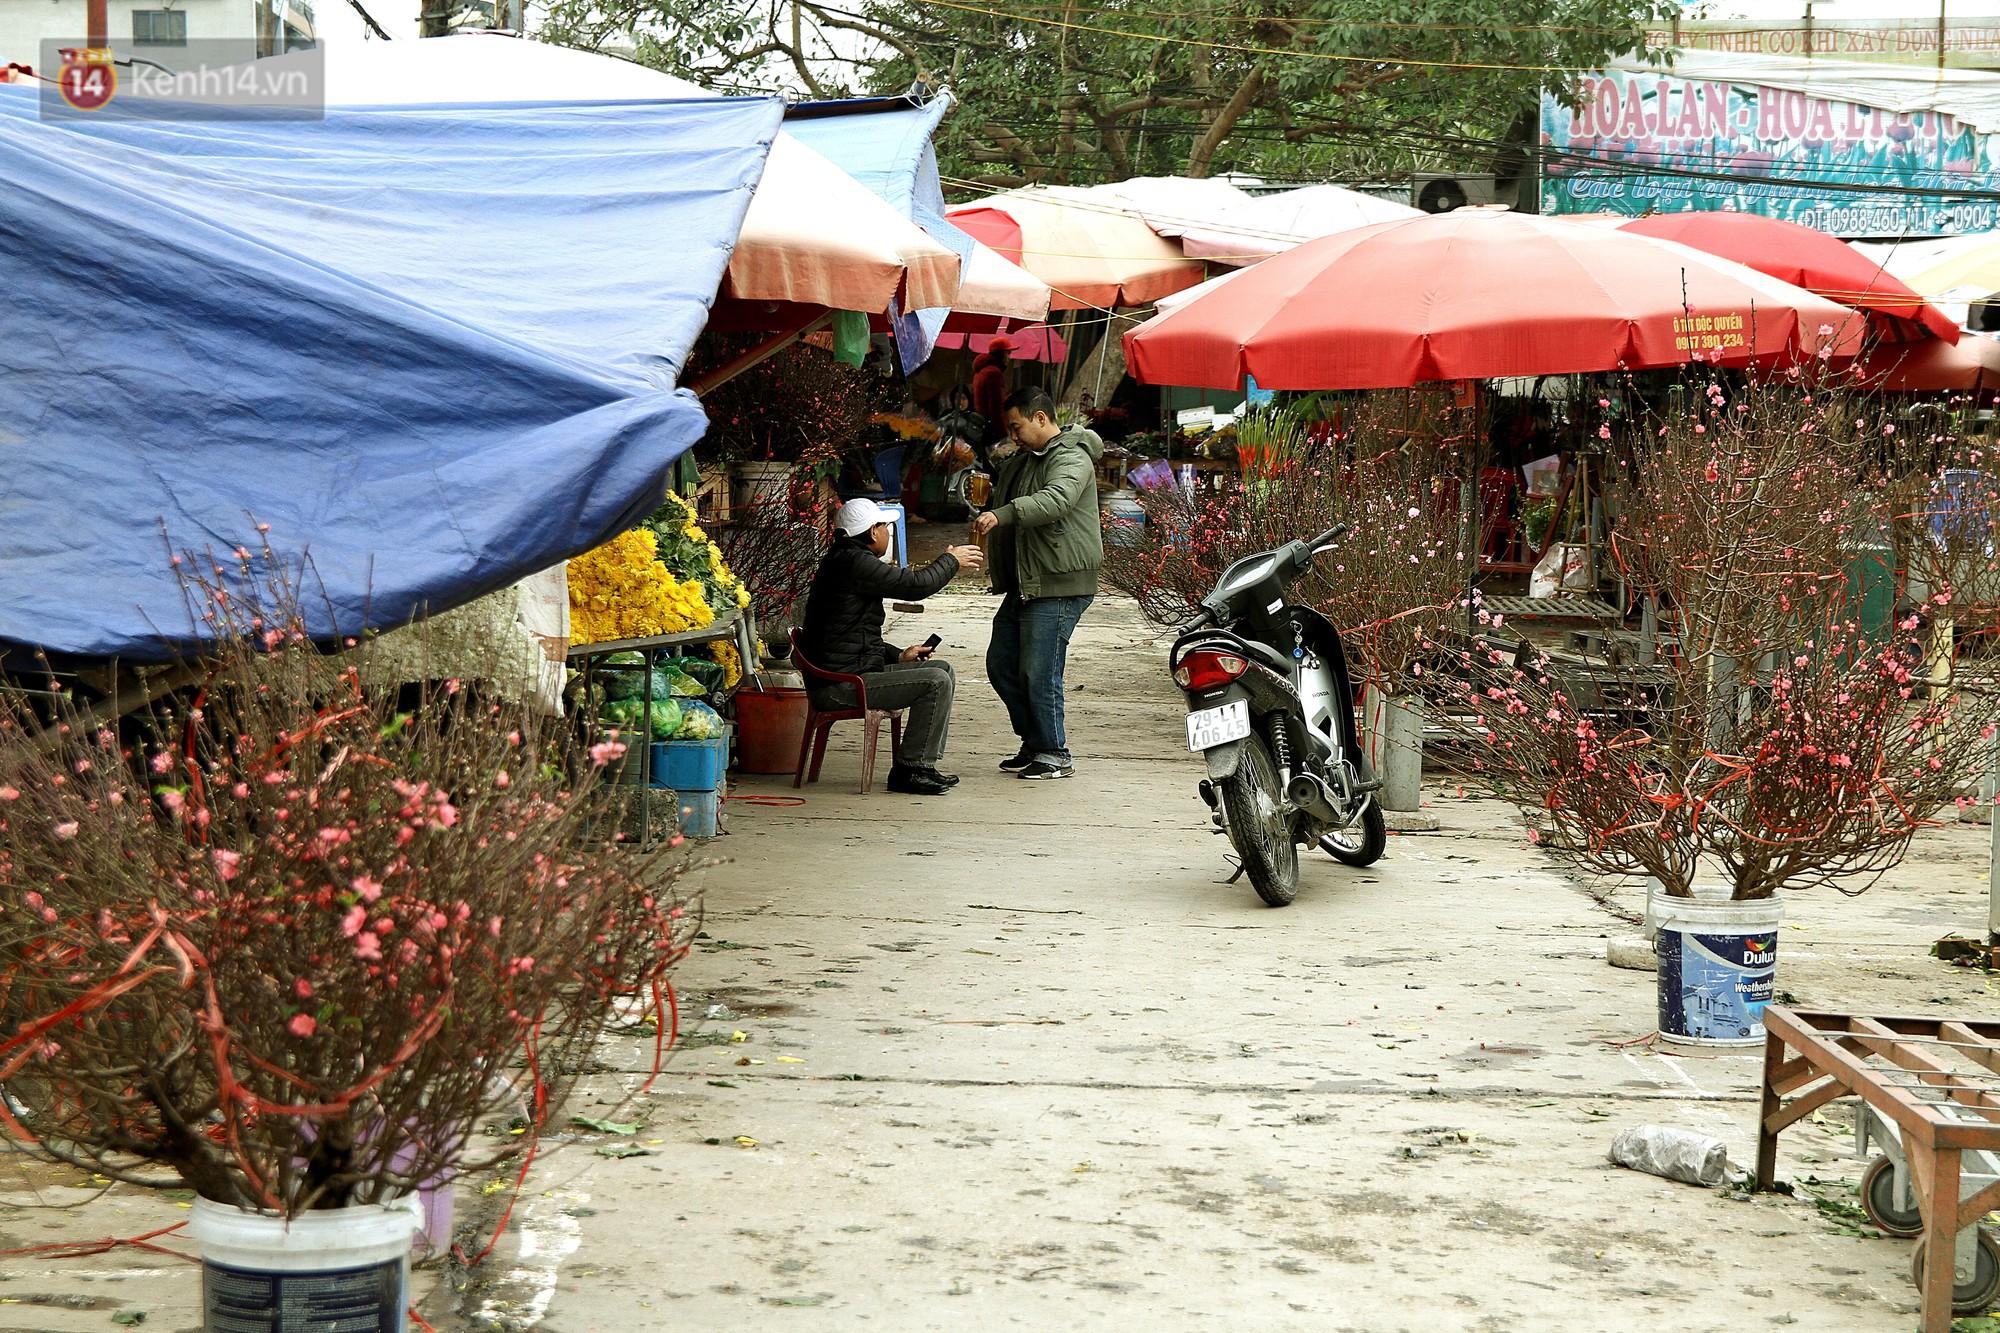 Người dân làng đào Nhật Tân: Từ giờ đến Tết mà rét thế này thì đào không nở hoa kịp mất! - Ảnh 5.